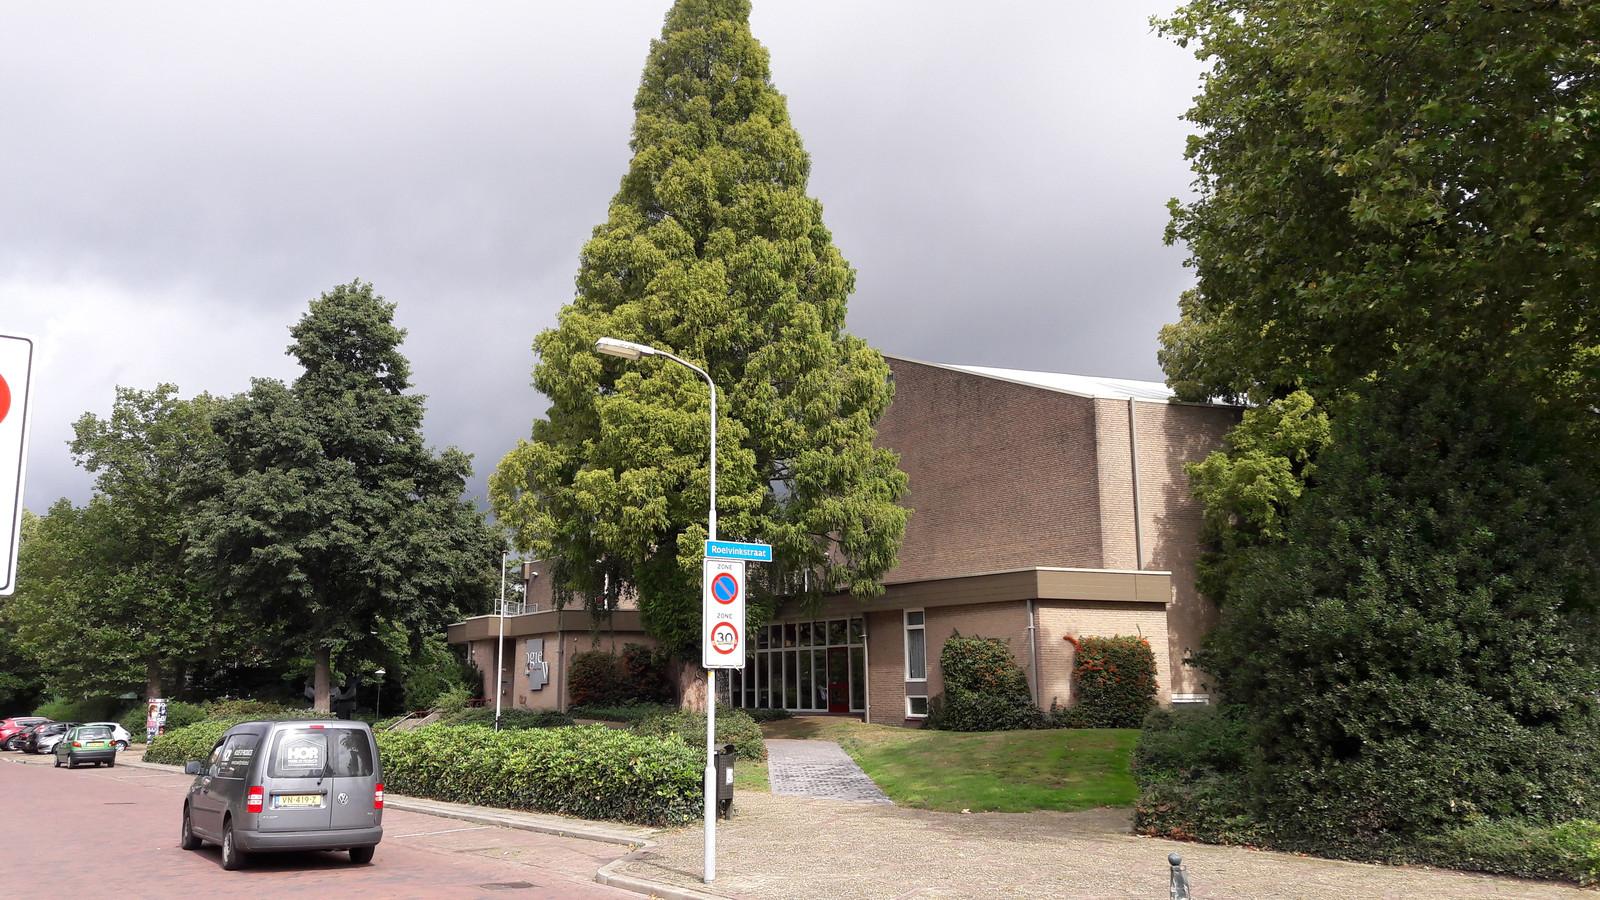 Instituut voor Kunst en Cultuur Boogie Woogie aan de Roelvinkstraat in Winterswijk.